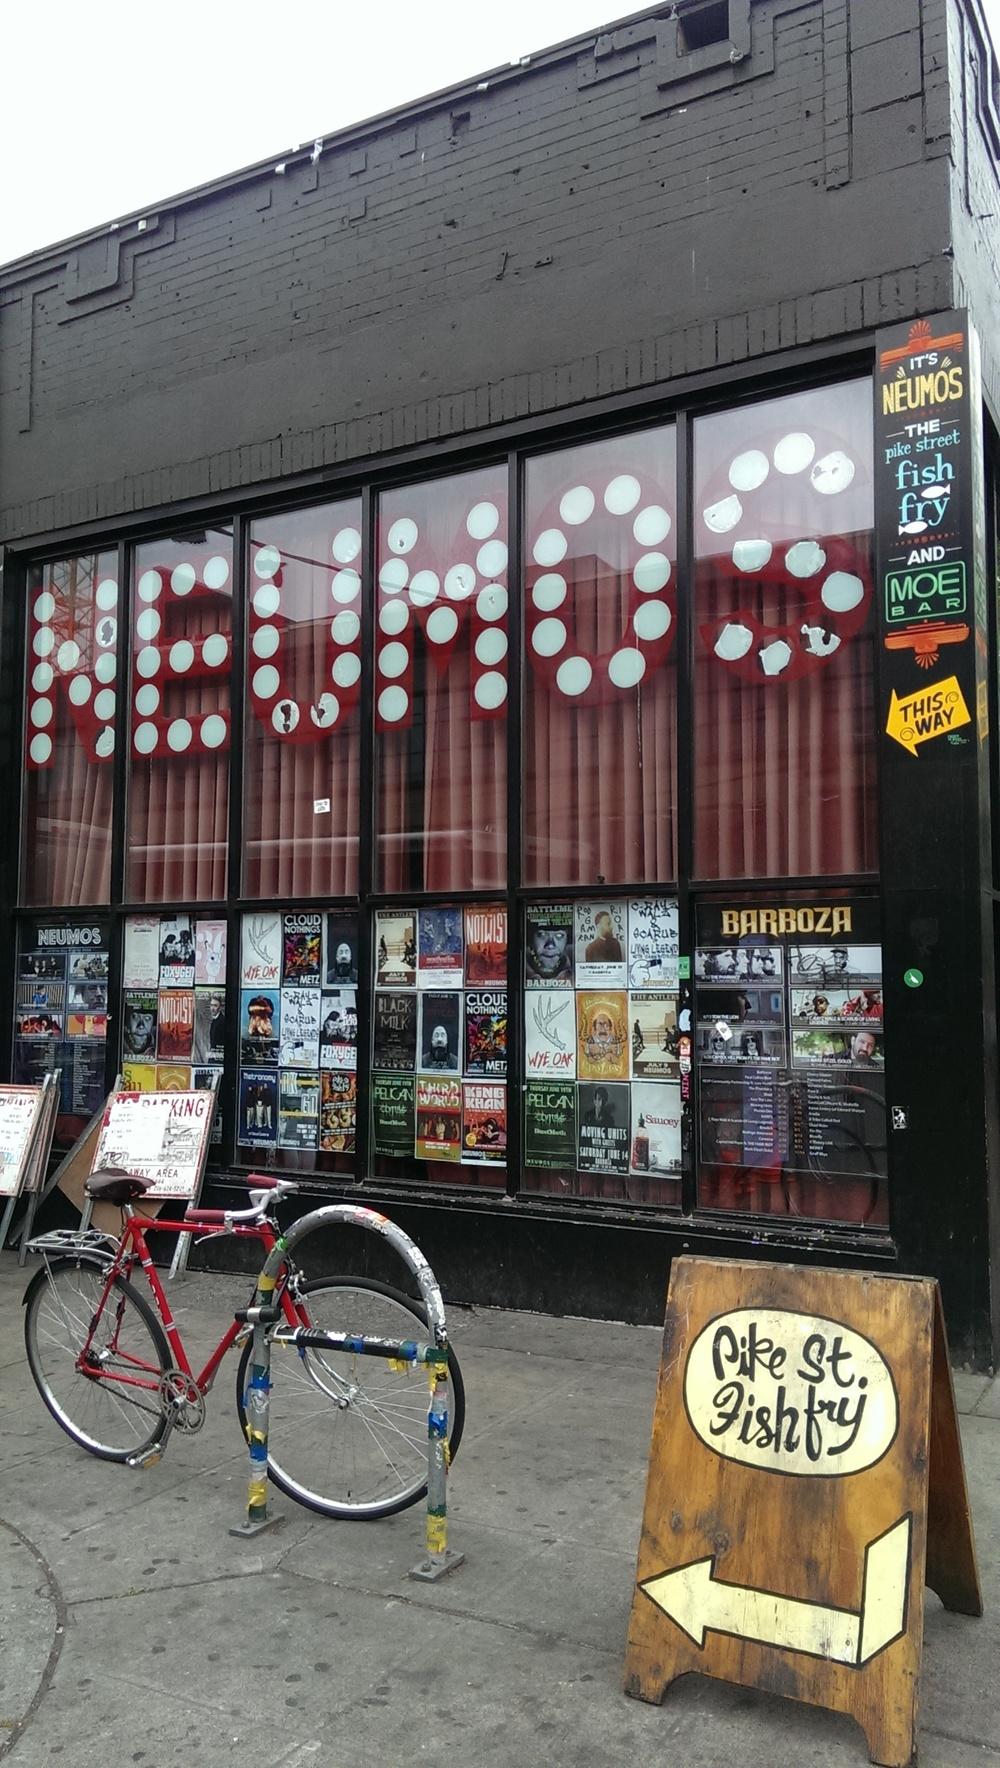 17 - Neumos Music Venue